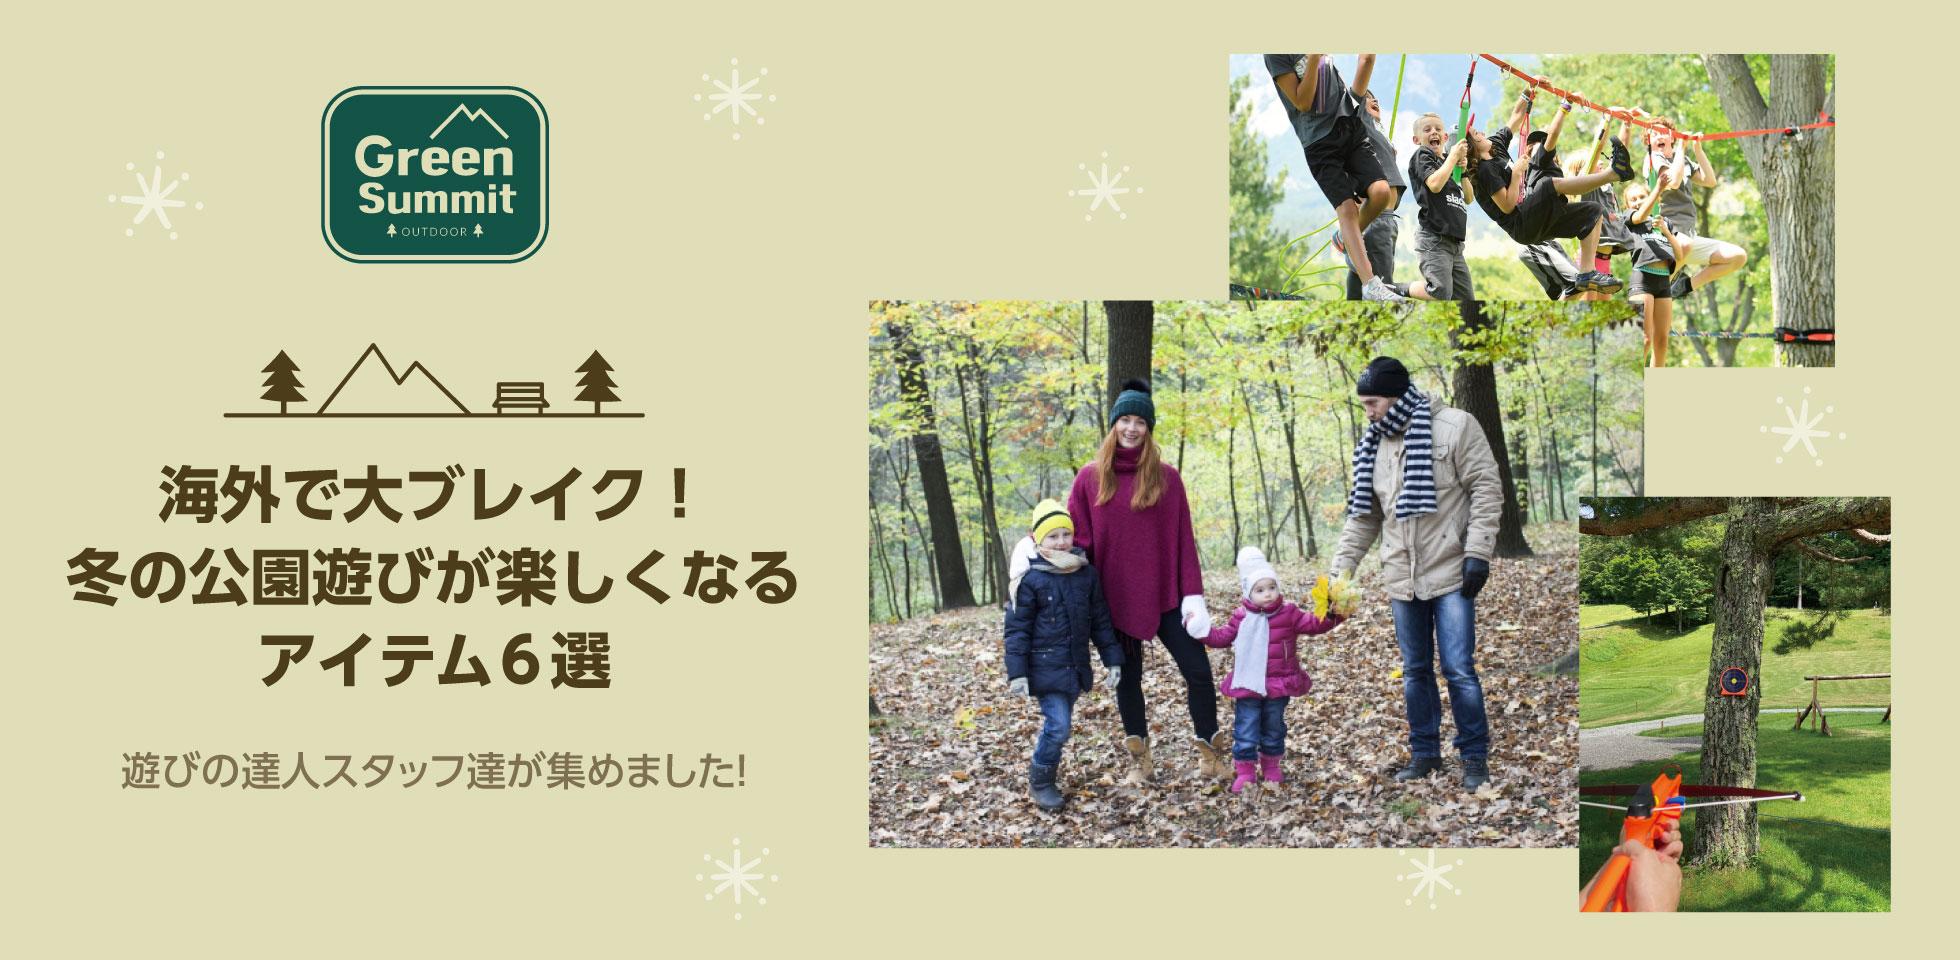 冬の公園遊びが楽しくなるアイテム6選